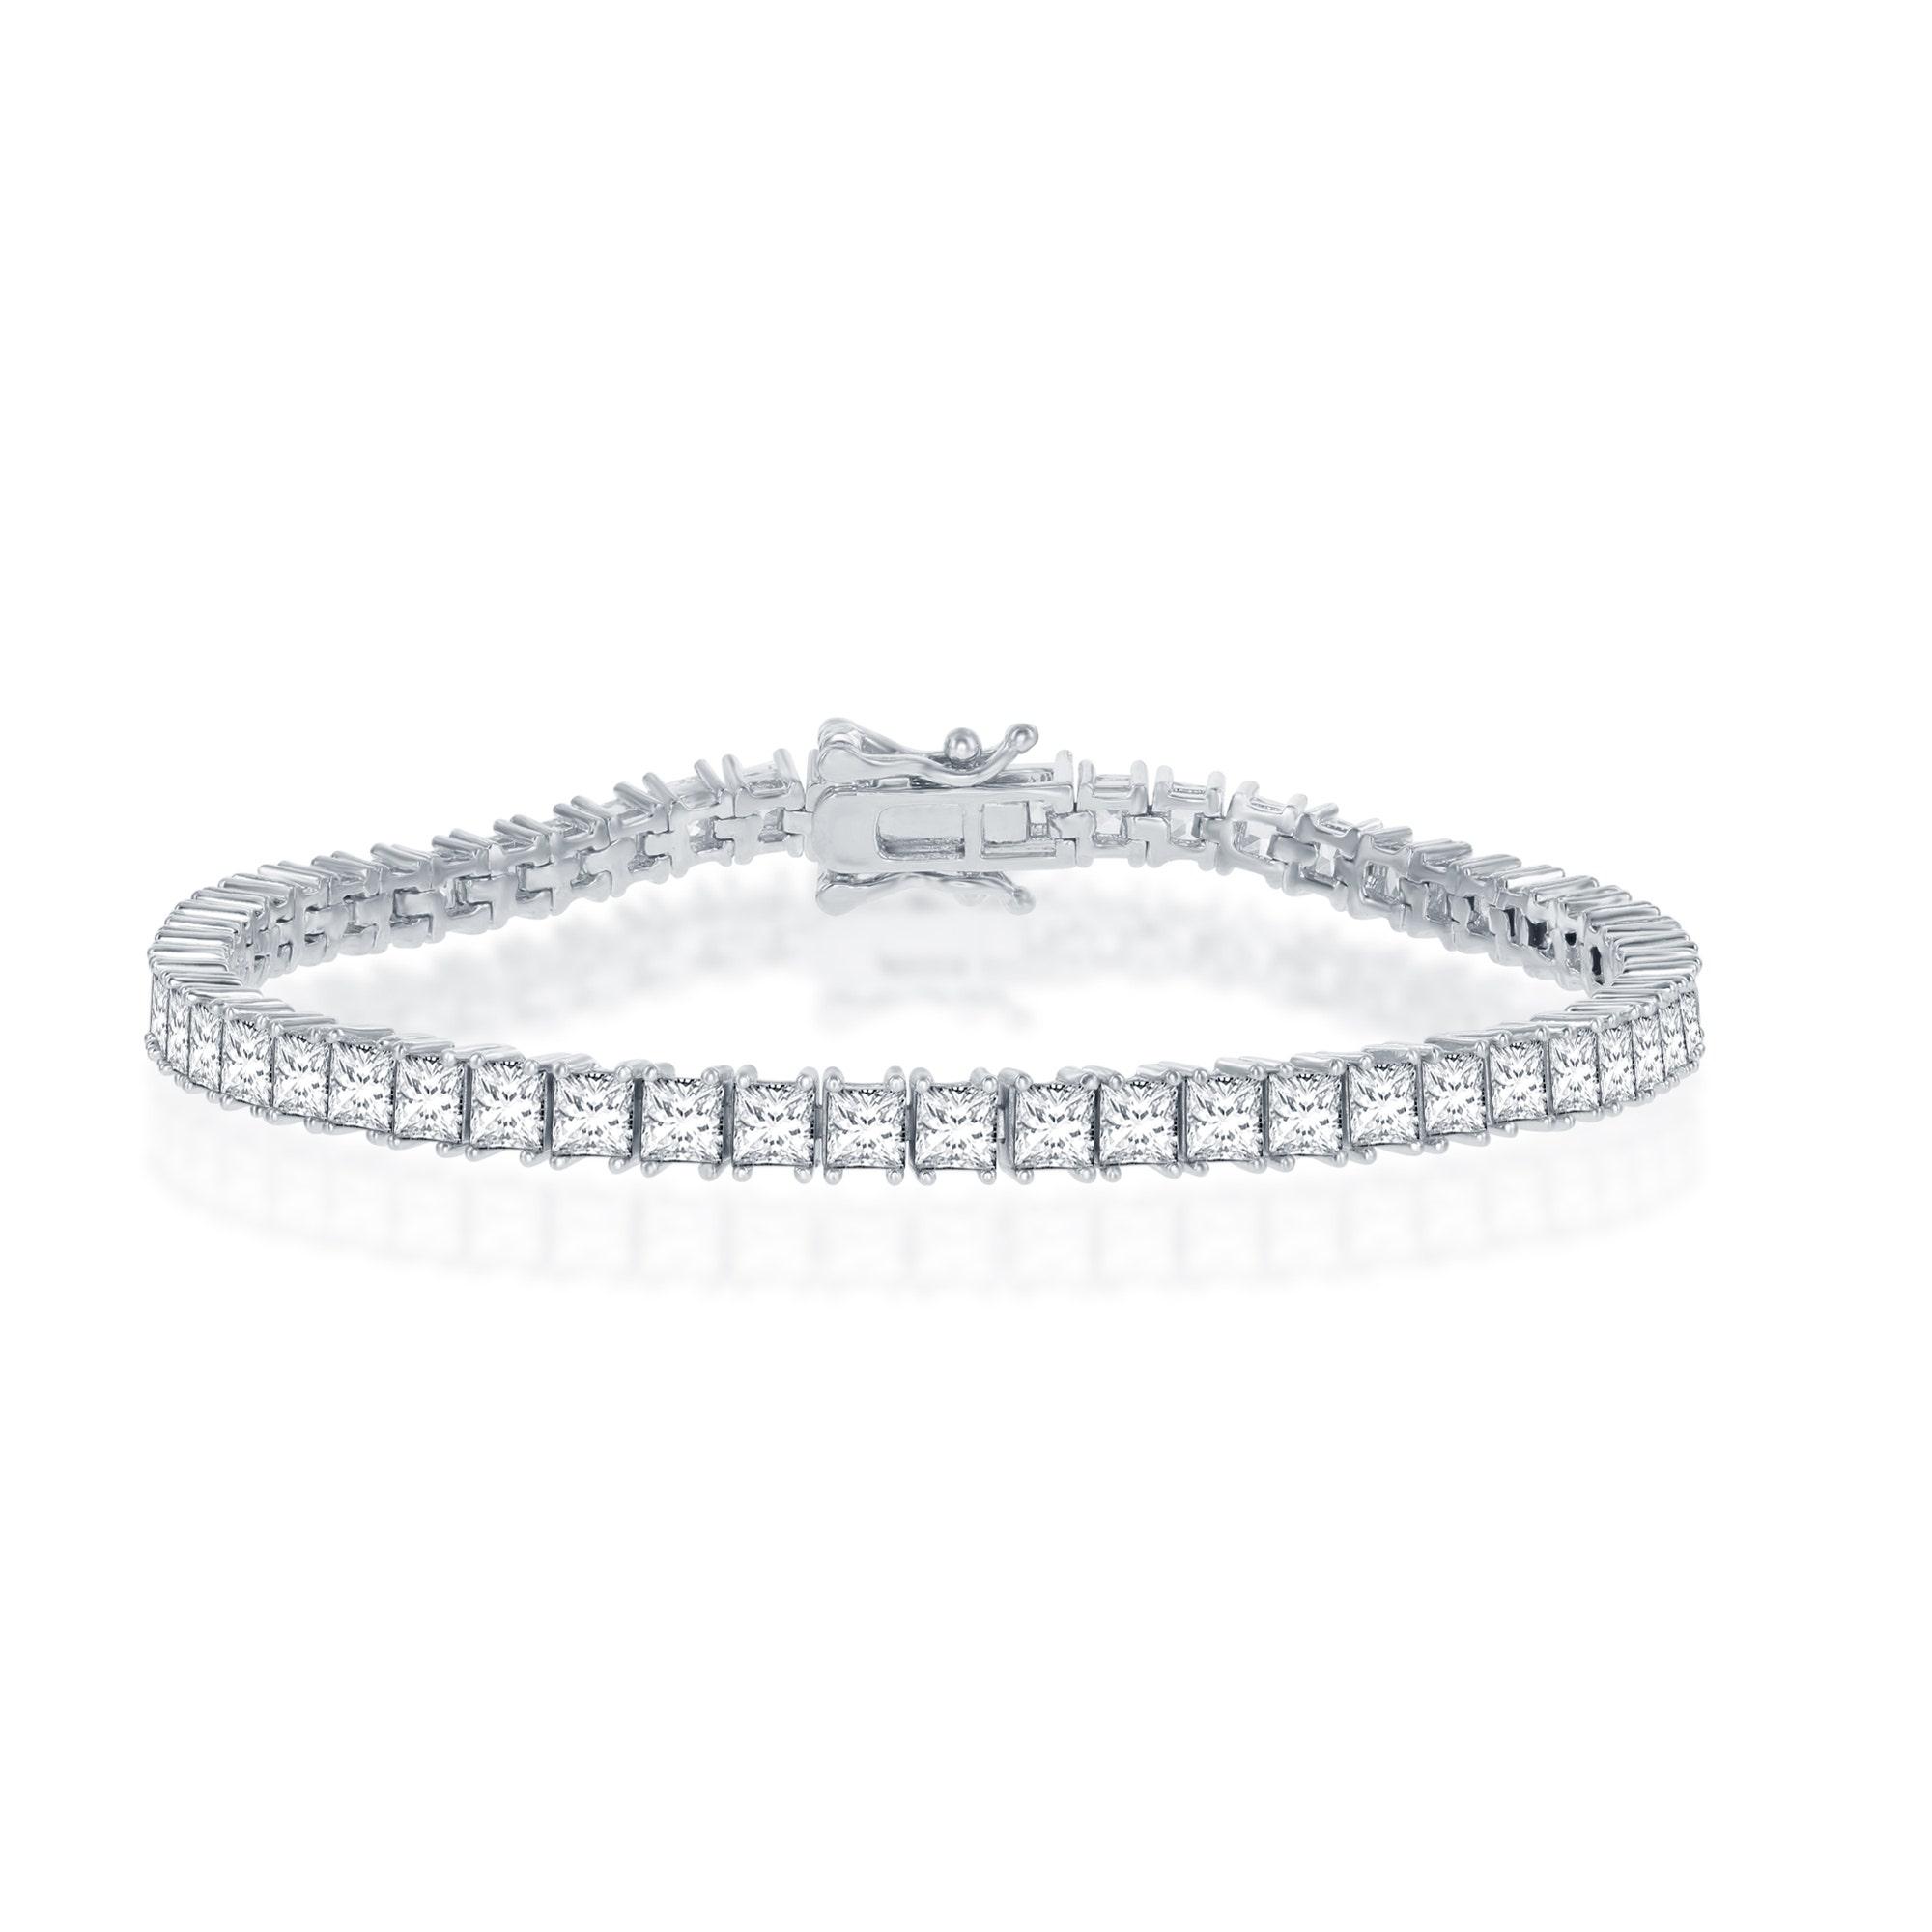 Sterling Silver Bar Bracelet Custom Bar CZ Diamond Bracelet Name Bracelet Mother/'s Day Gift for Her Christmas Gift Friendship